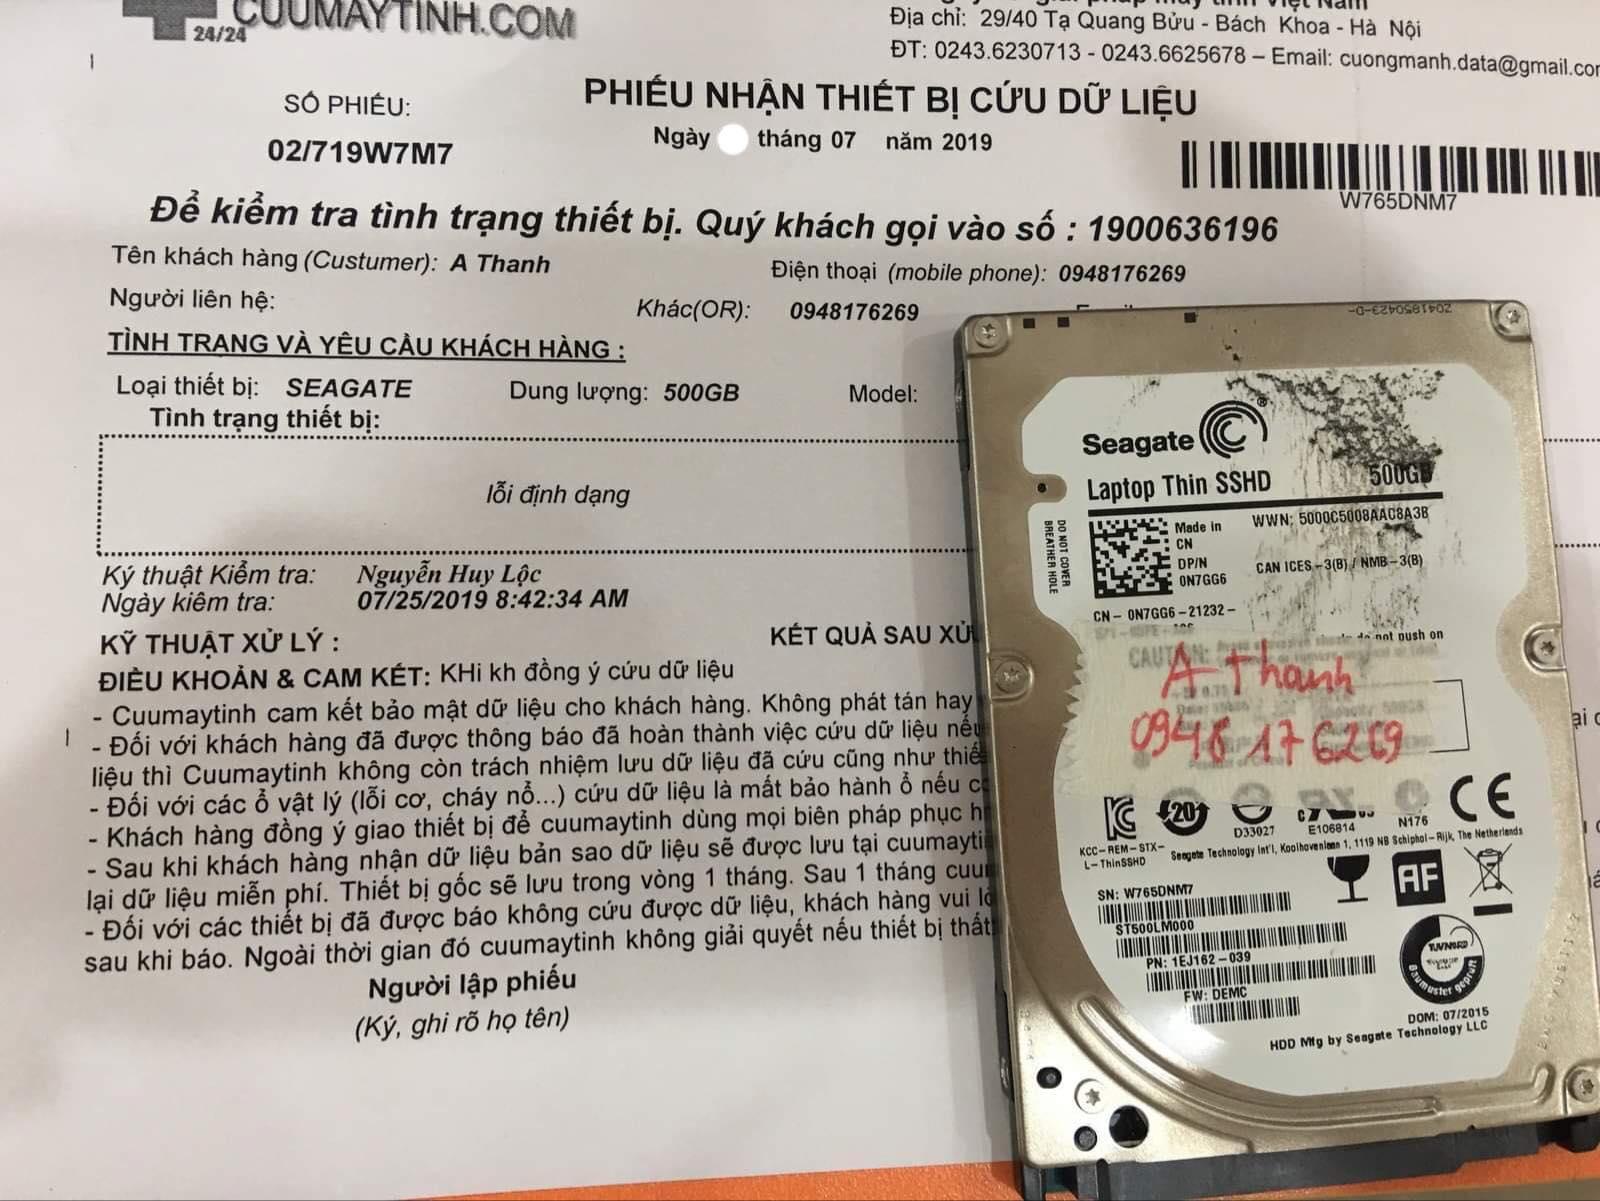 Lấy dữ liệu ổ cứng Seagate 500GB mất định dạng 31/07/2019 - cuumaytinh